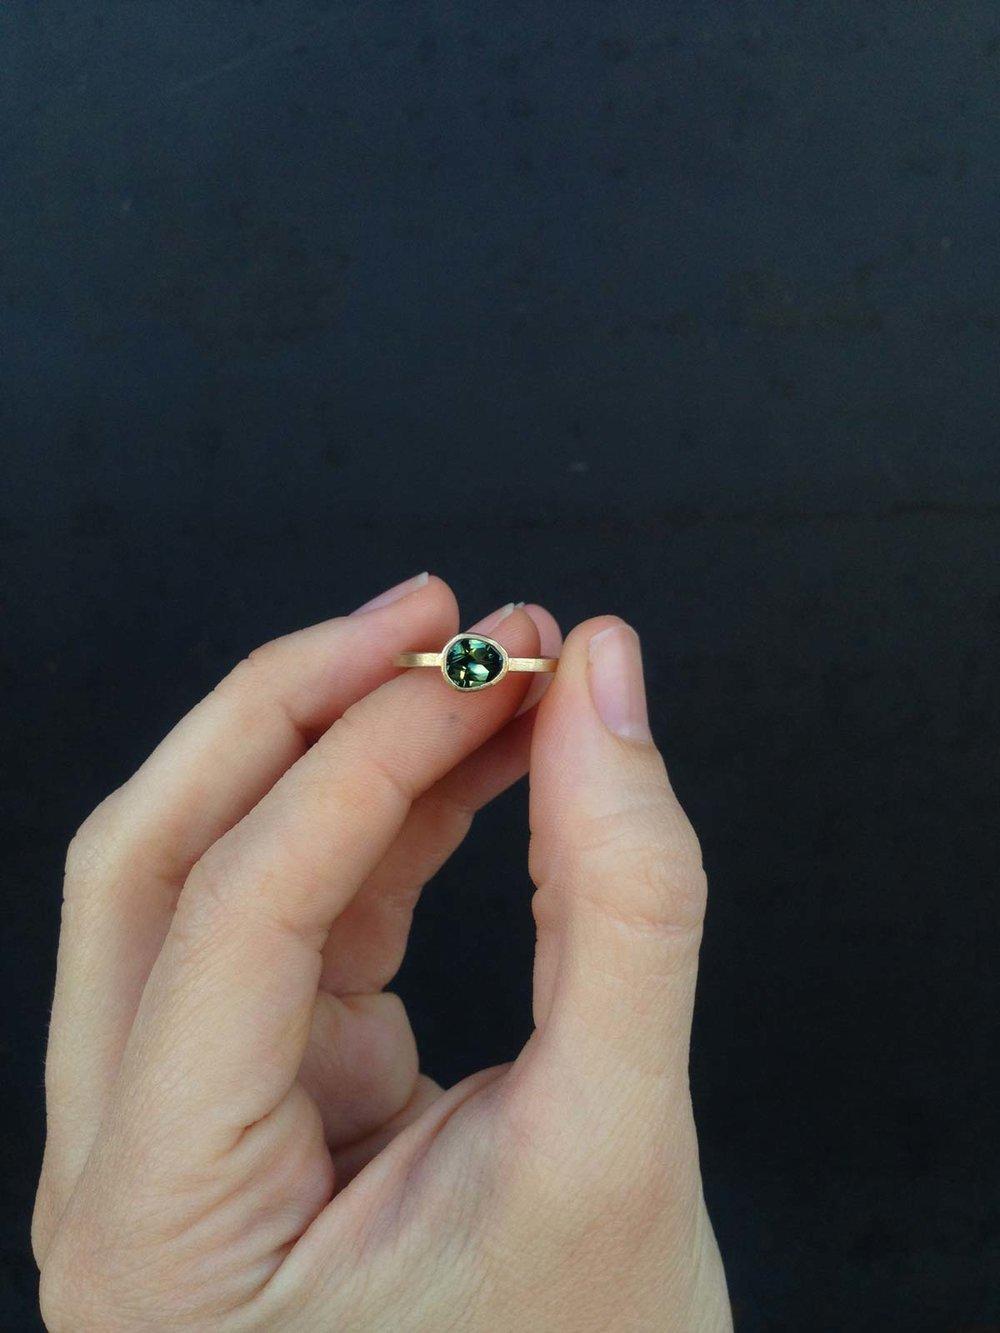 sapphire-engagement-ring-custom-design-01.jpg